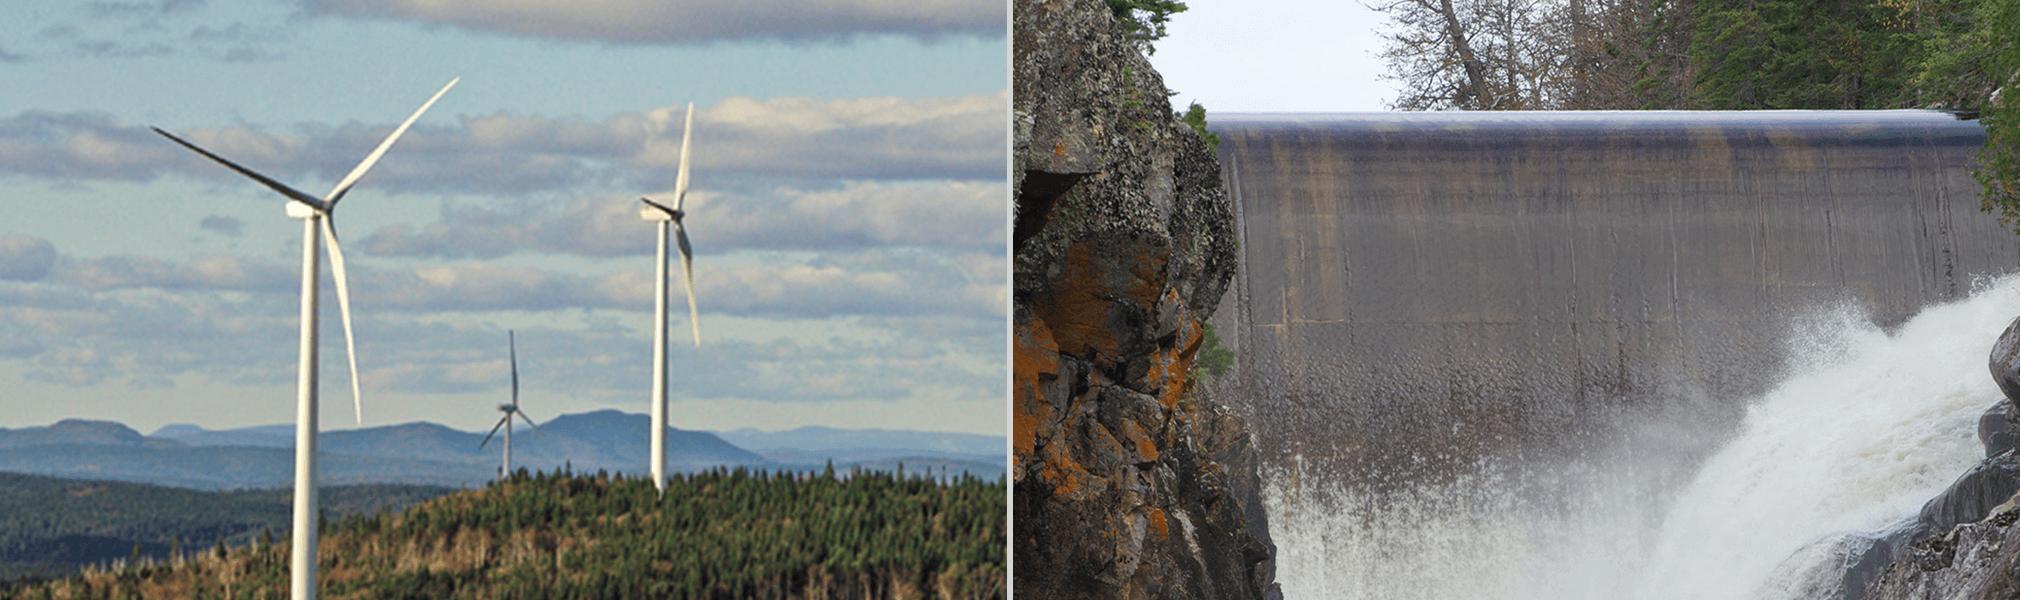 Parc éolien Carleton - Centrale hydroélectrique Umbata Falls